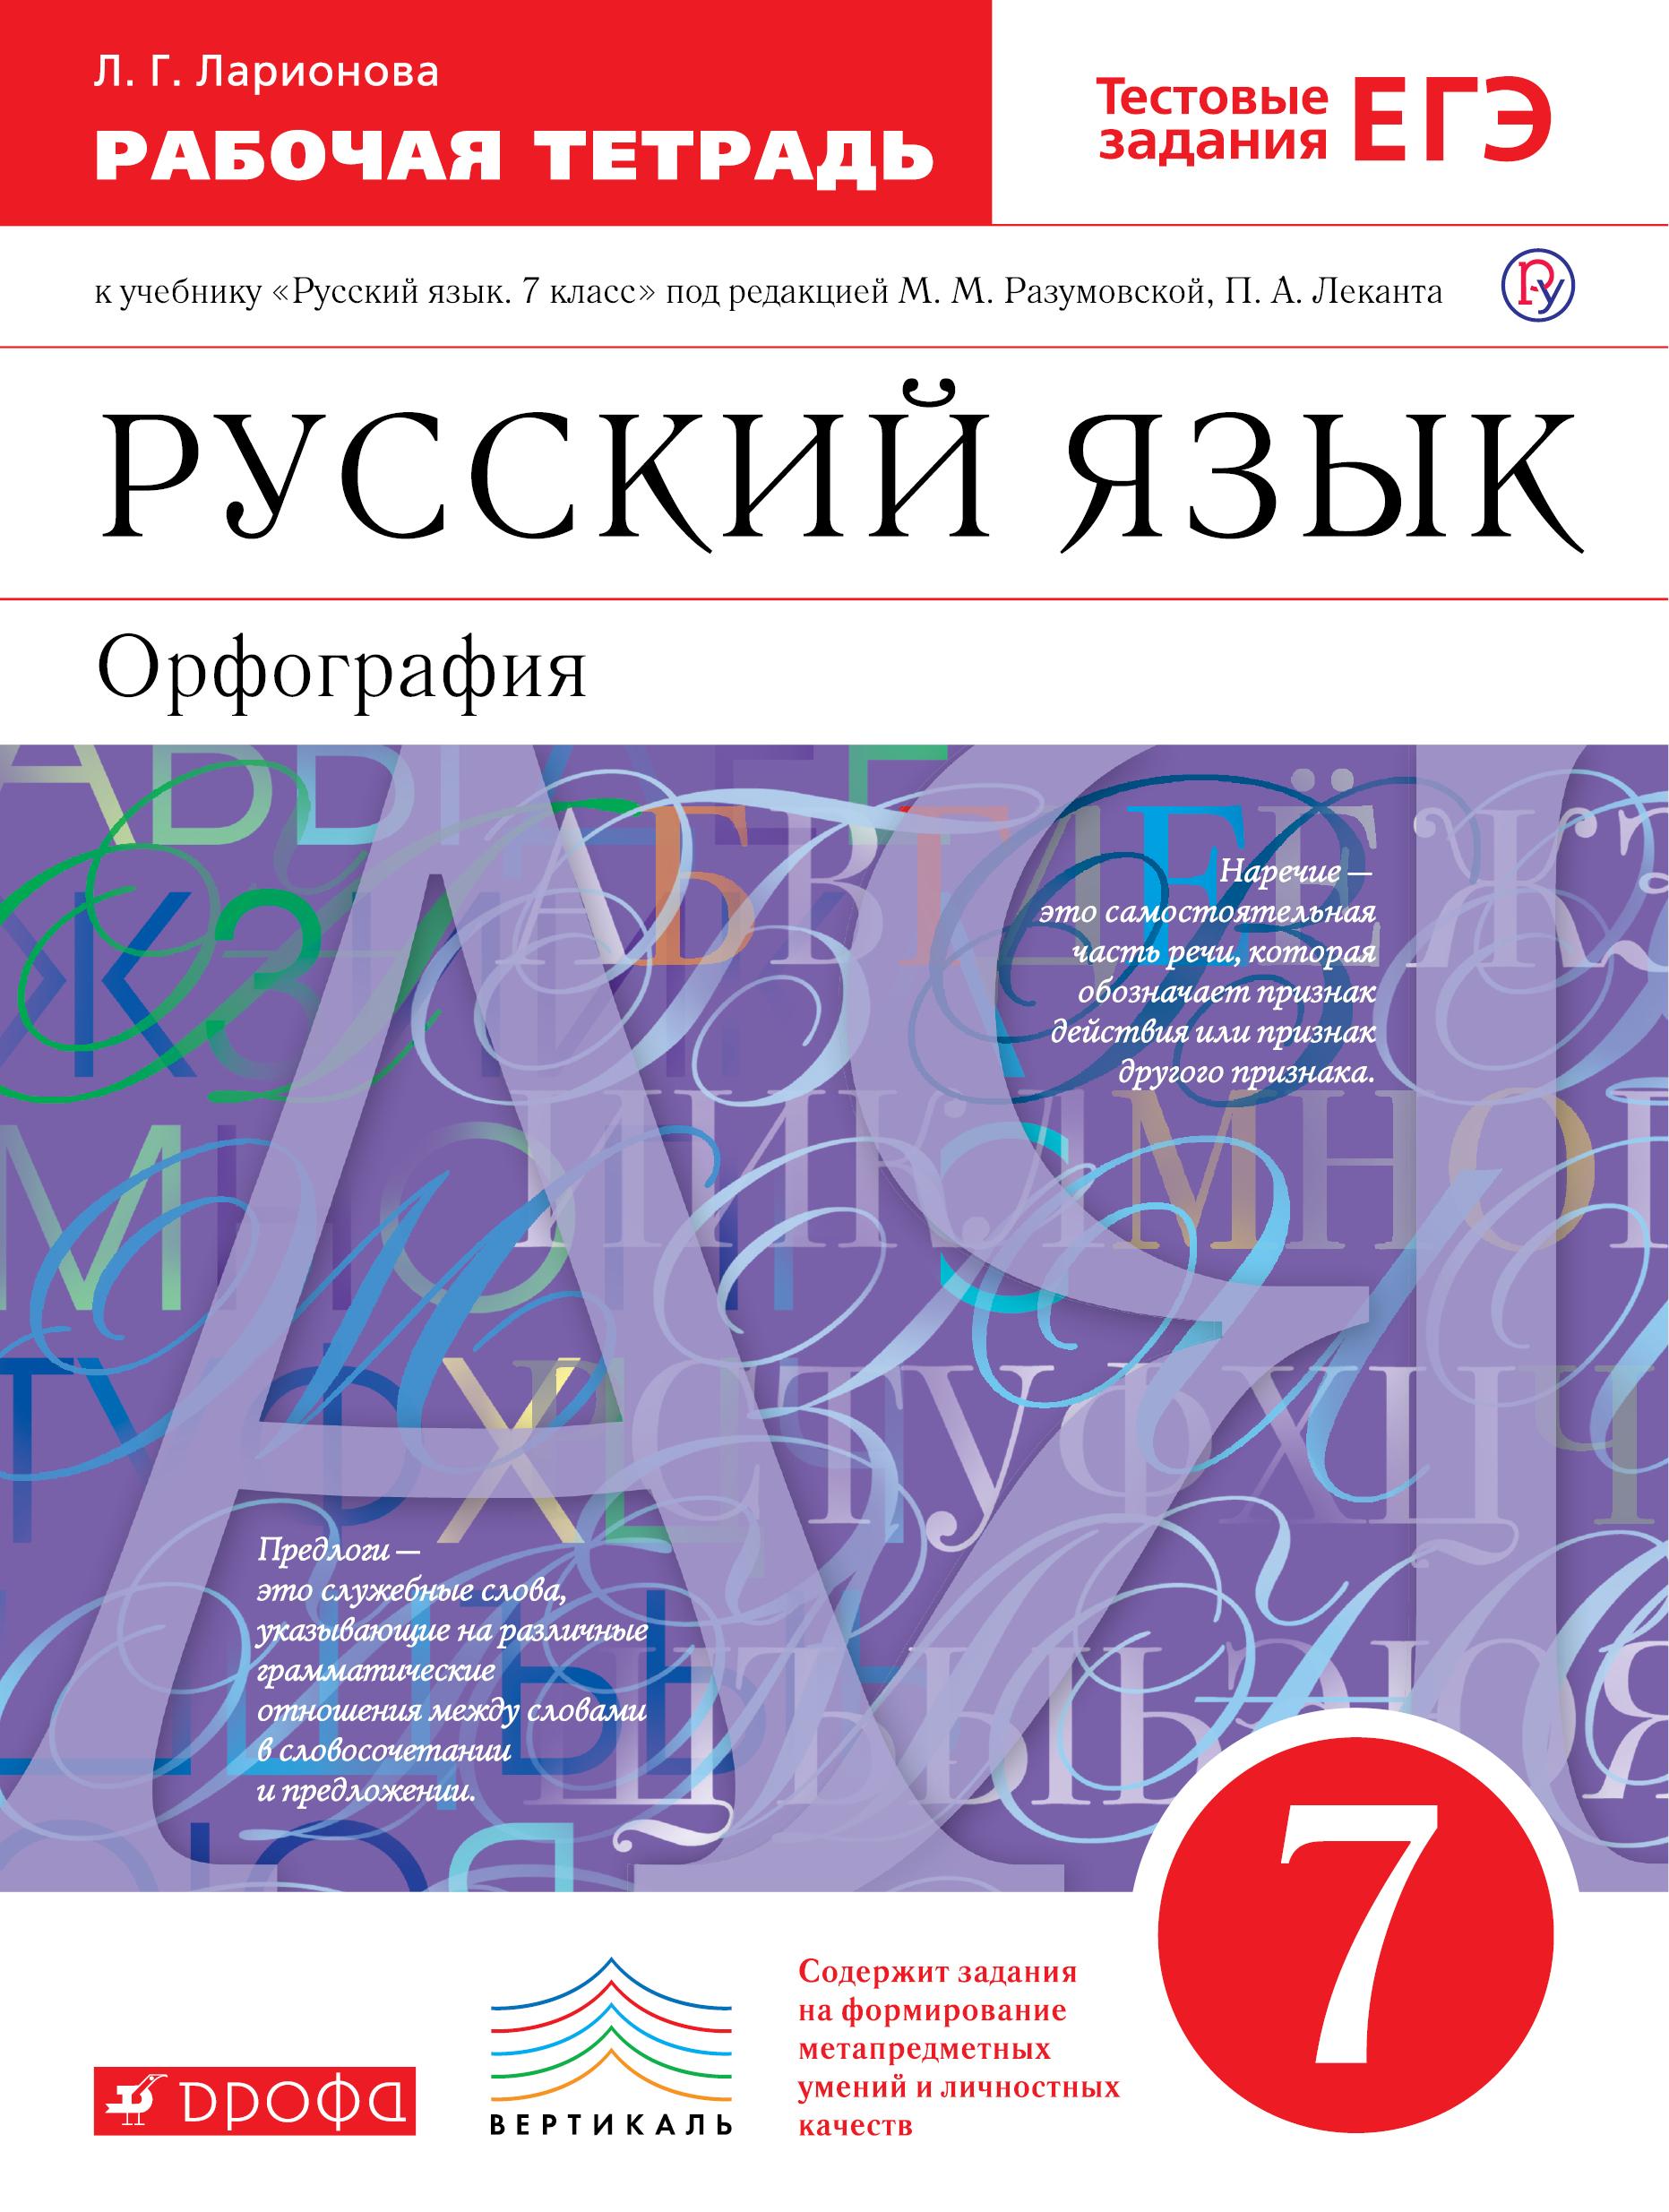 Гдз по русскому языку 7 класс дрофа